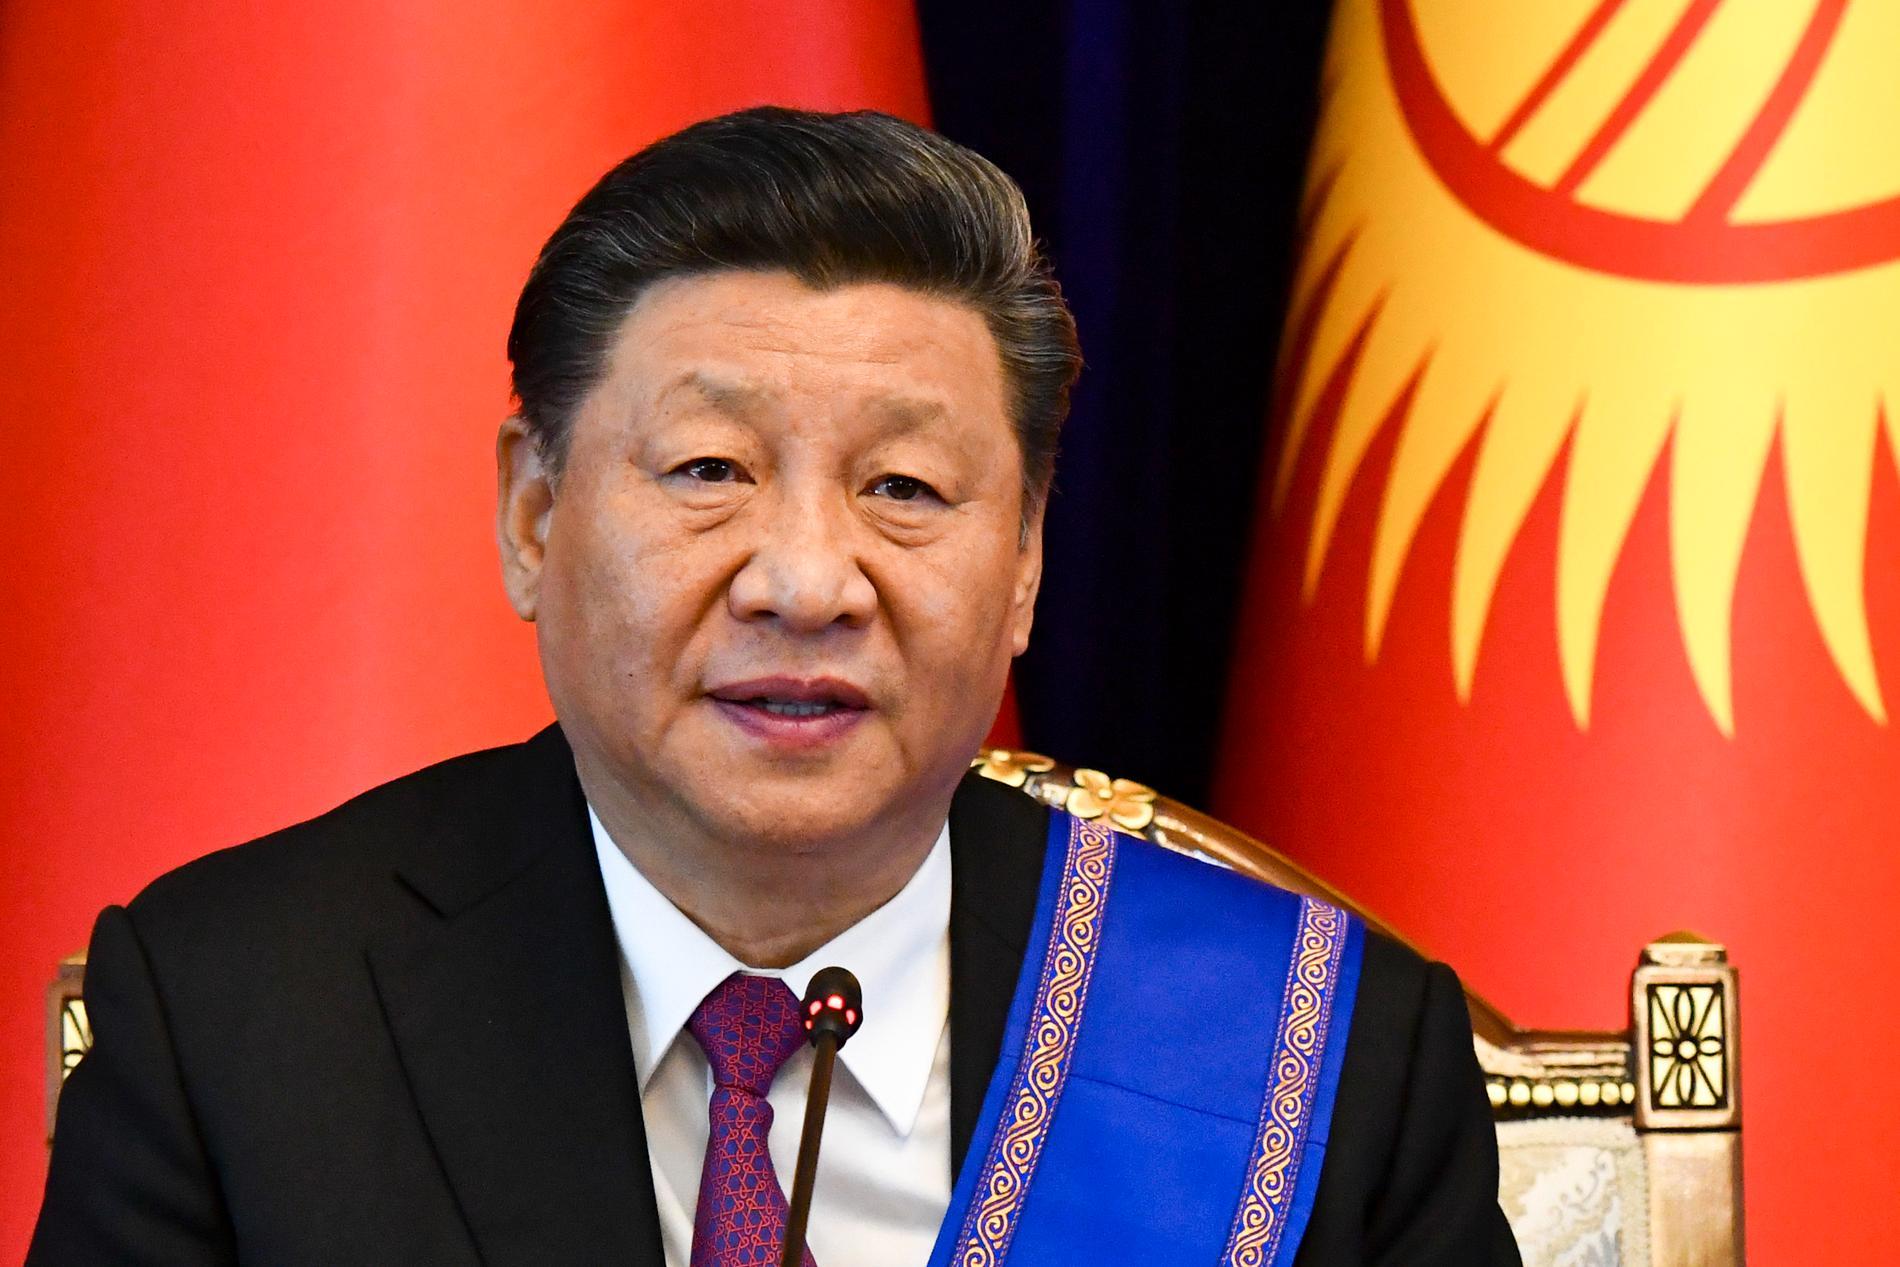 Kinas president Xi Jinping behöver visa sig stark utan att riskera kritik från omvärlden när han hanterar protesterna i Hongkong, enligt Kinakännaren Tim Rühlig. Arkivbild.